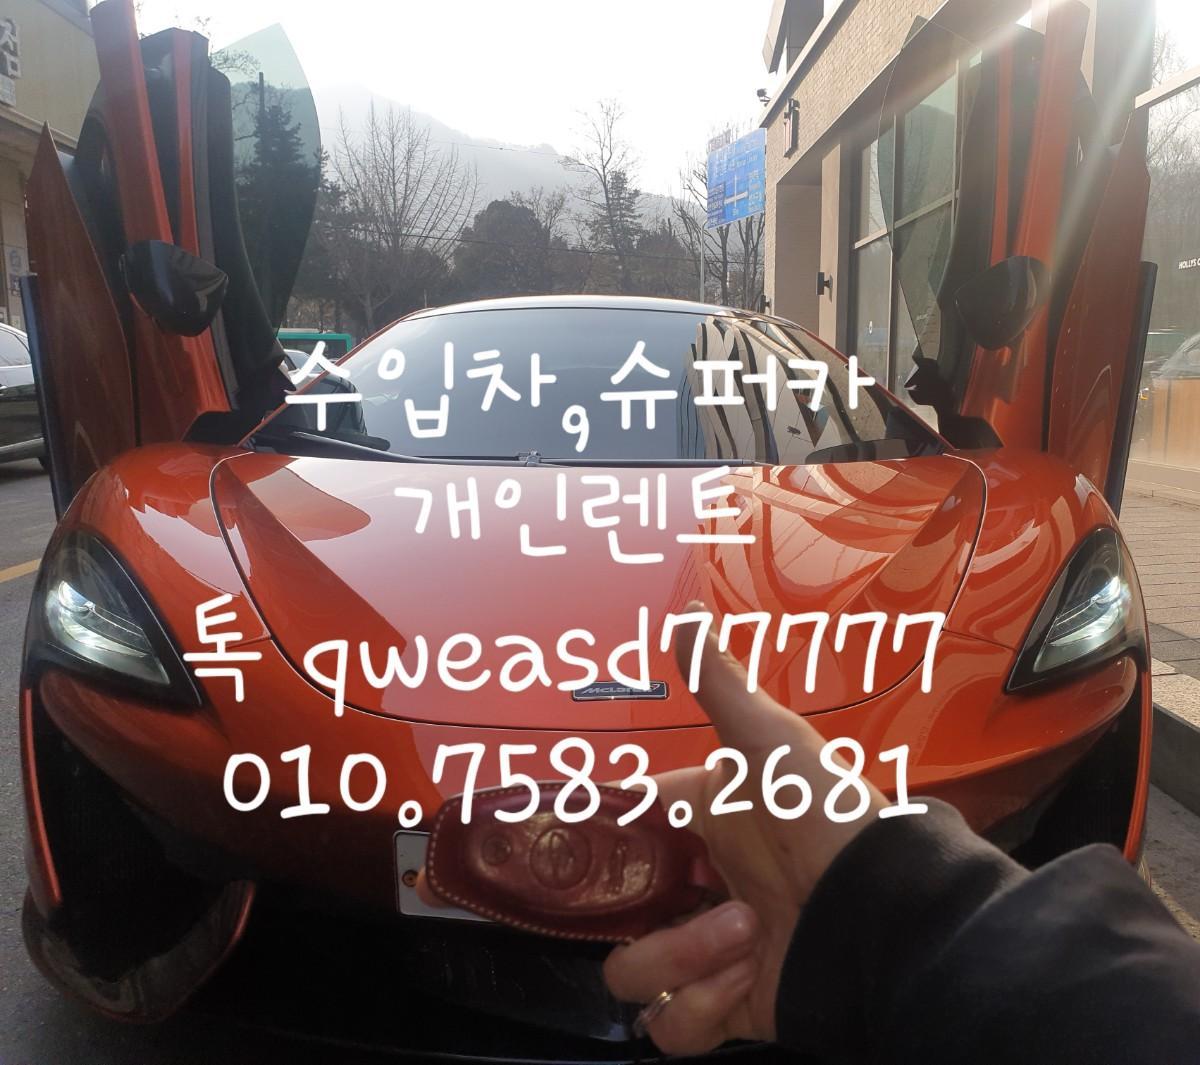 개인렌트.수입차렌트.오픈카렌트.스포츠카렌트.외제차렌트.서울인천개인렌트 - 5